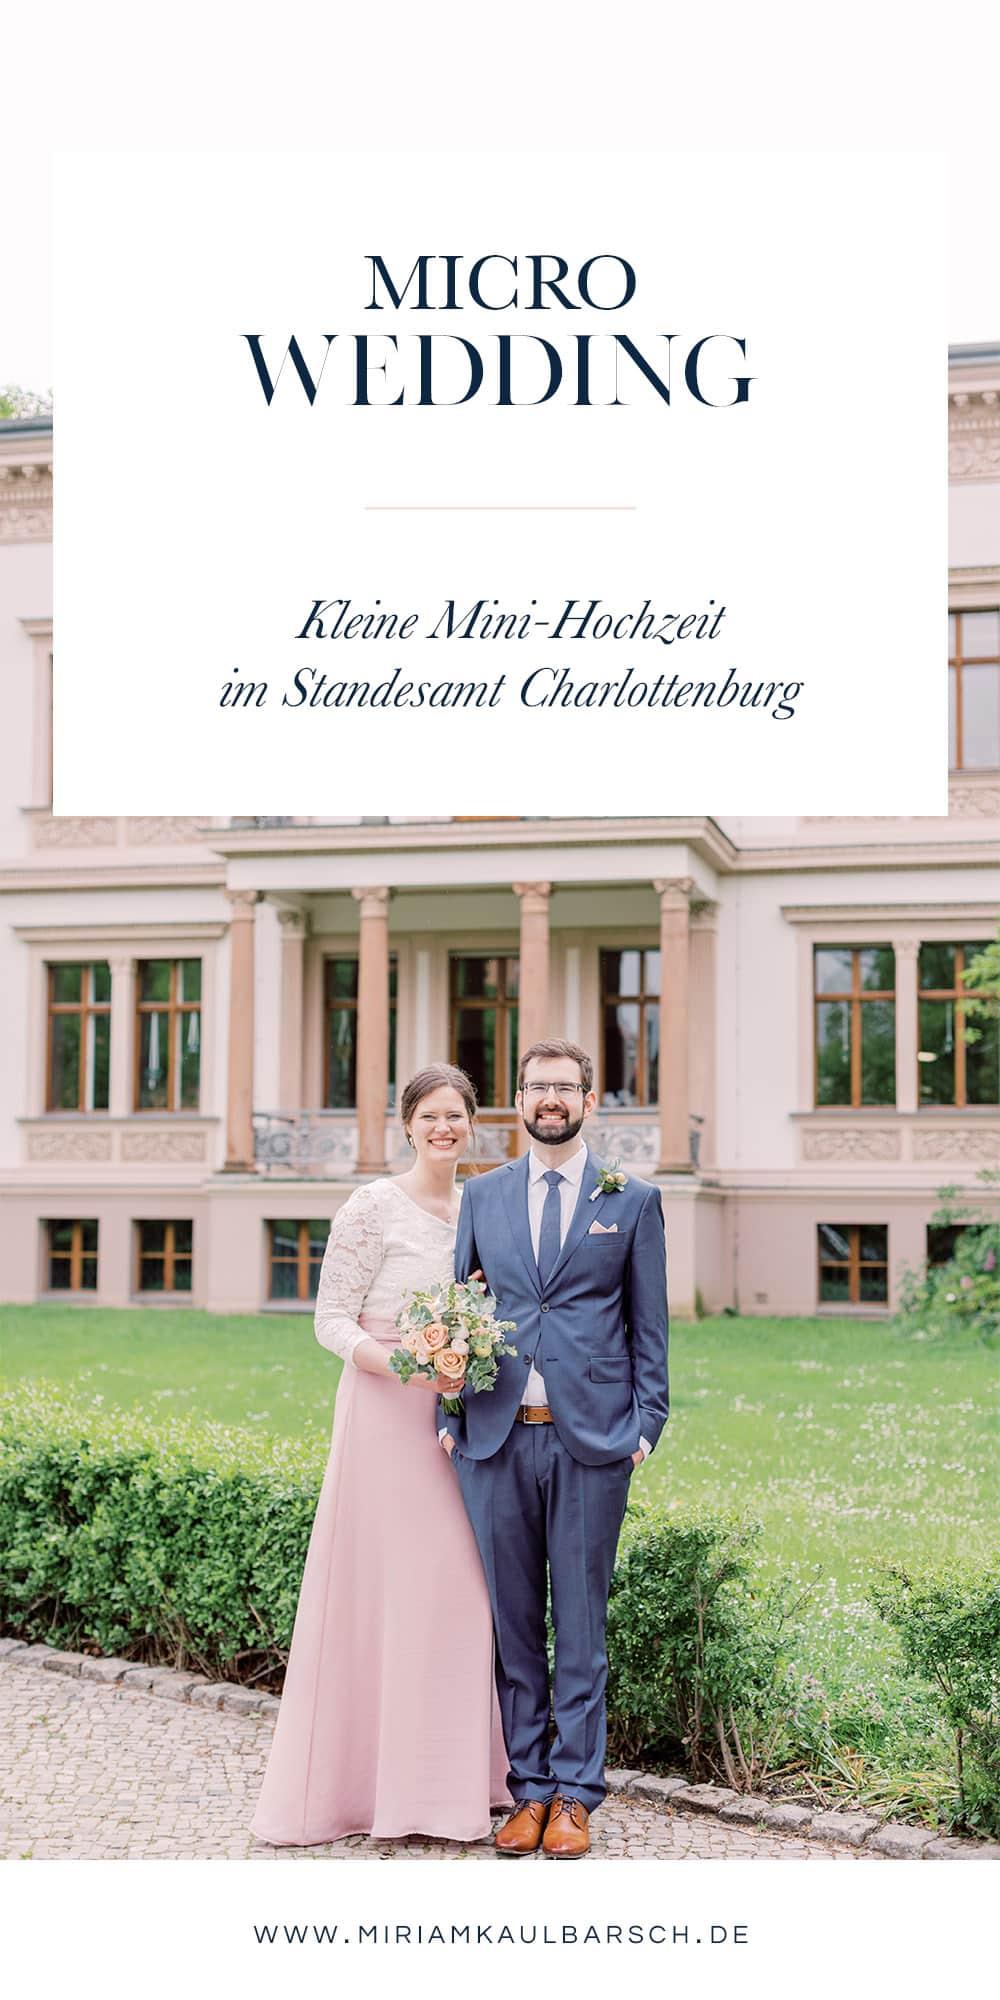 Micro Wedding in Berlin Charlottenburg - Standesamtliche Trauung mit Miriam Kaulbarsch Fotografie